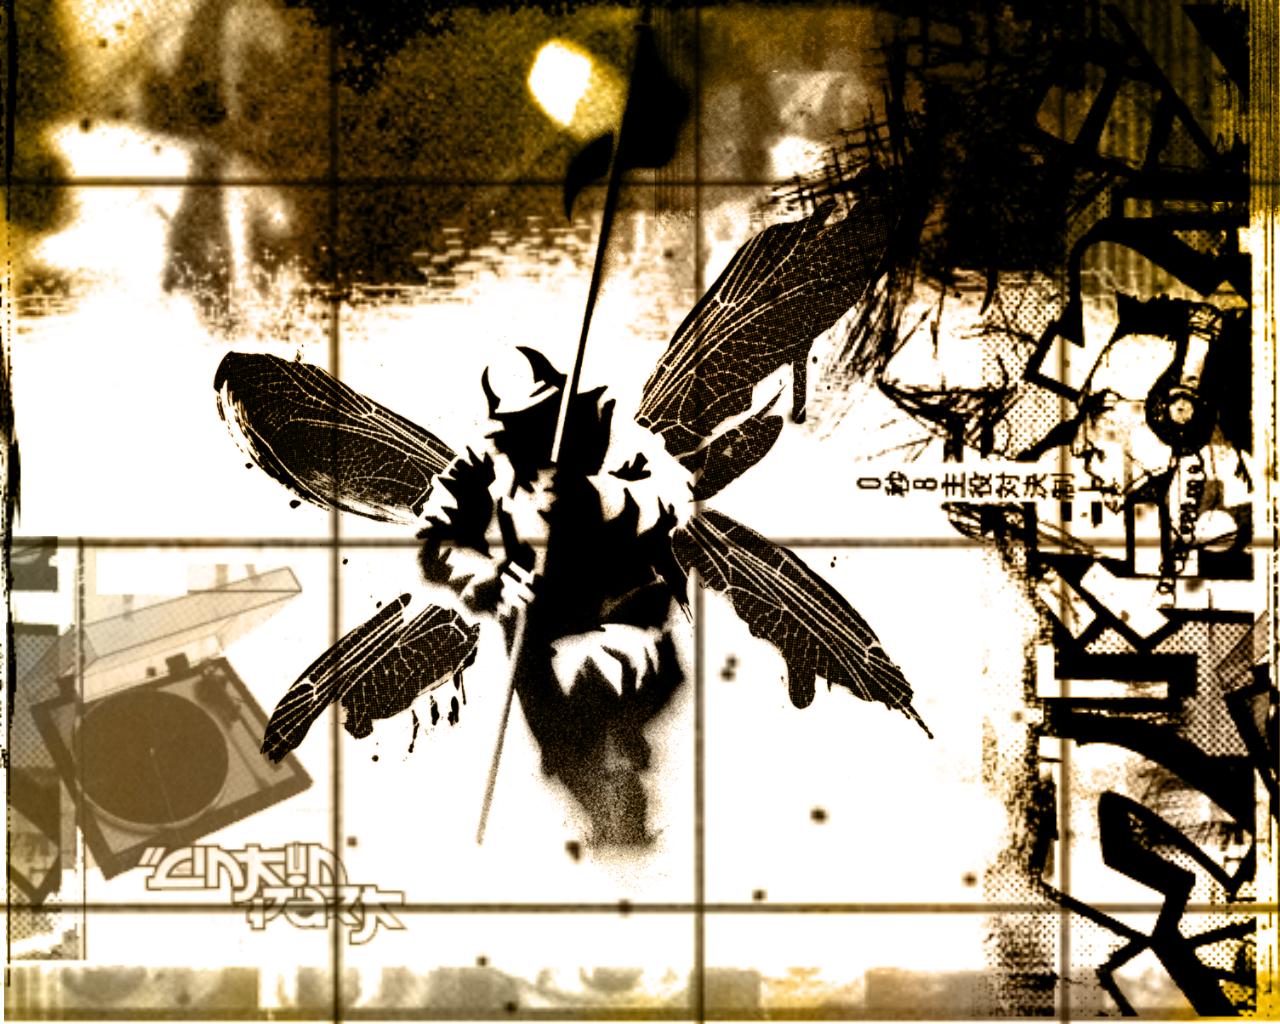 Linkin Park Wallpaper 2 By Liquidfx On Deviantart